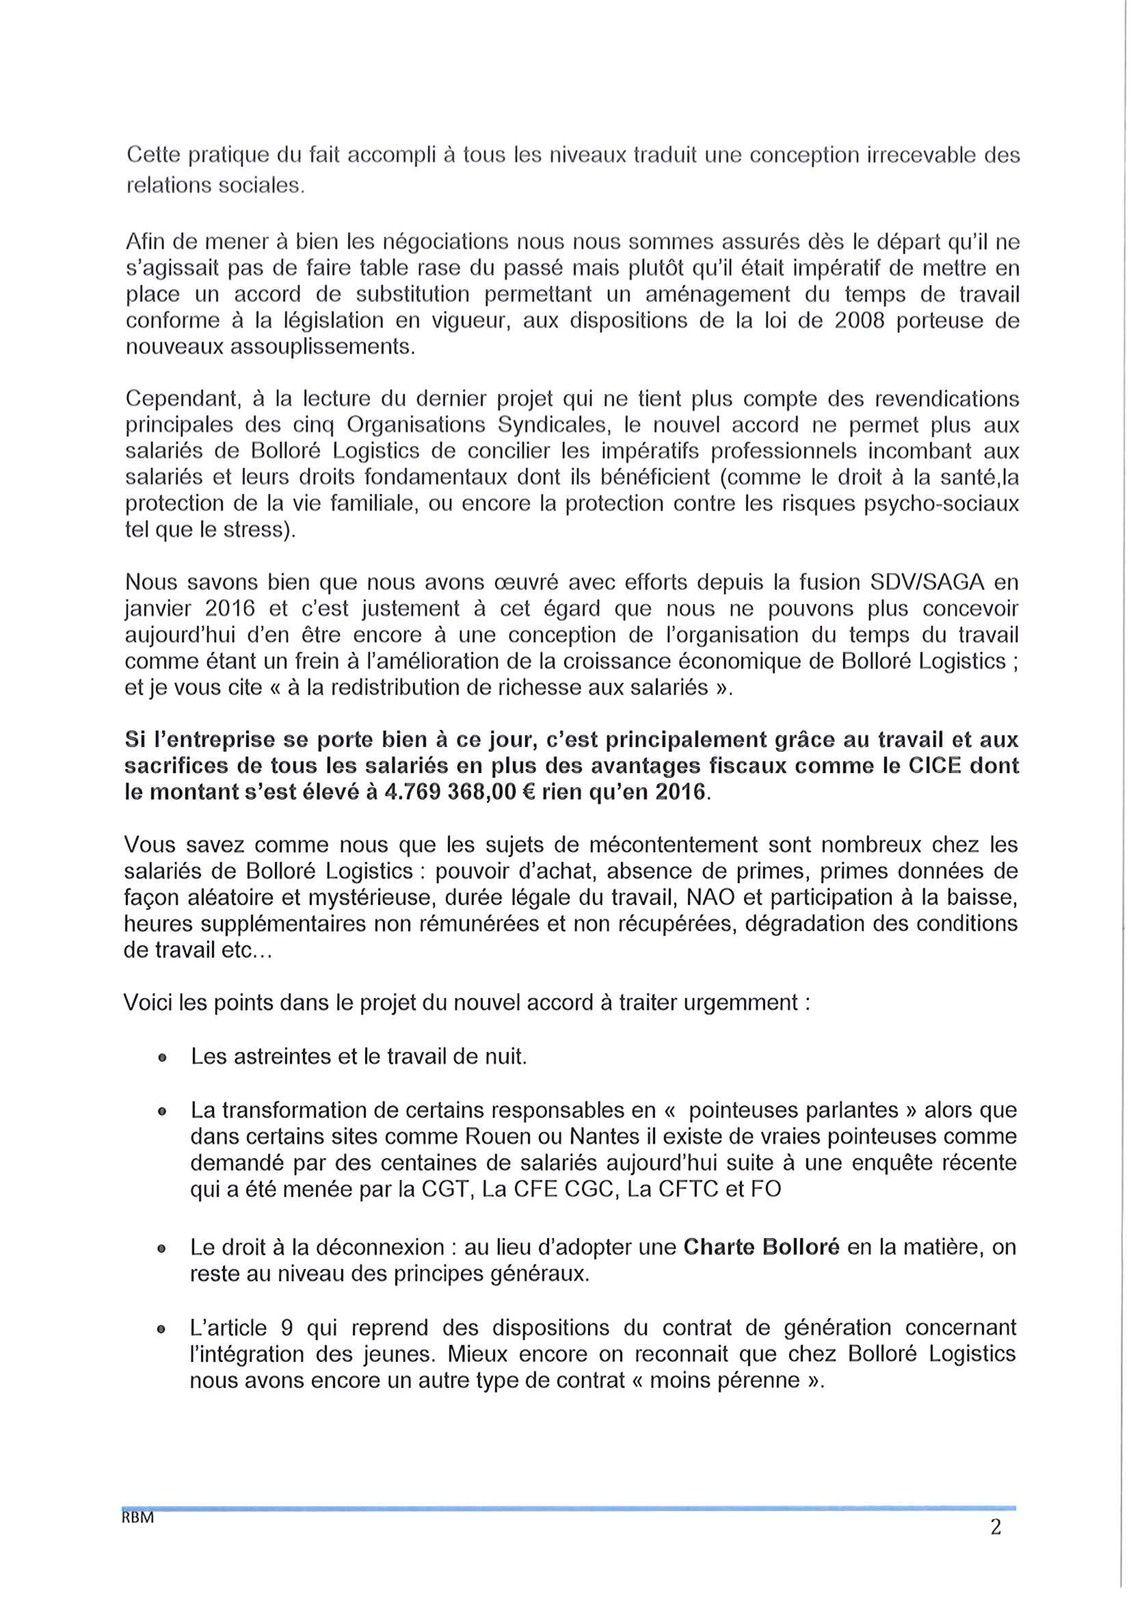 Négociation OTT, lettre ouverte de FORCE OUVRIERE